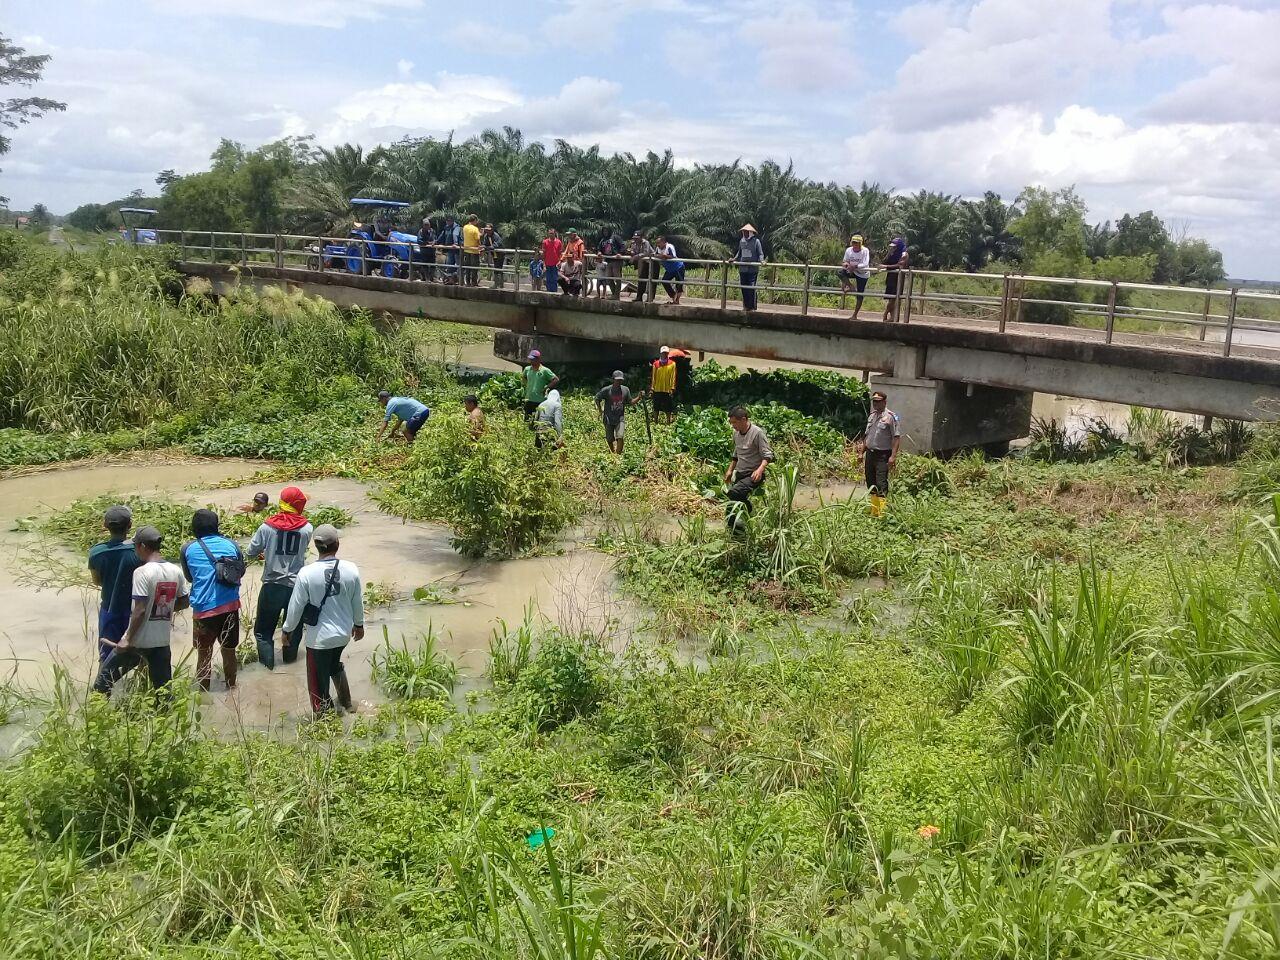 Antisipasi Banjir, Polsek Palas Bersama Warga Bersihkan DAS Desa Pulaujaya